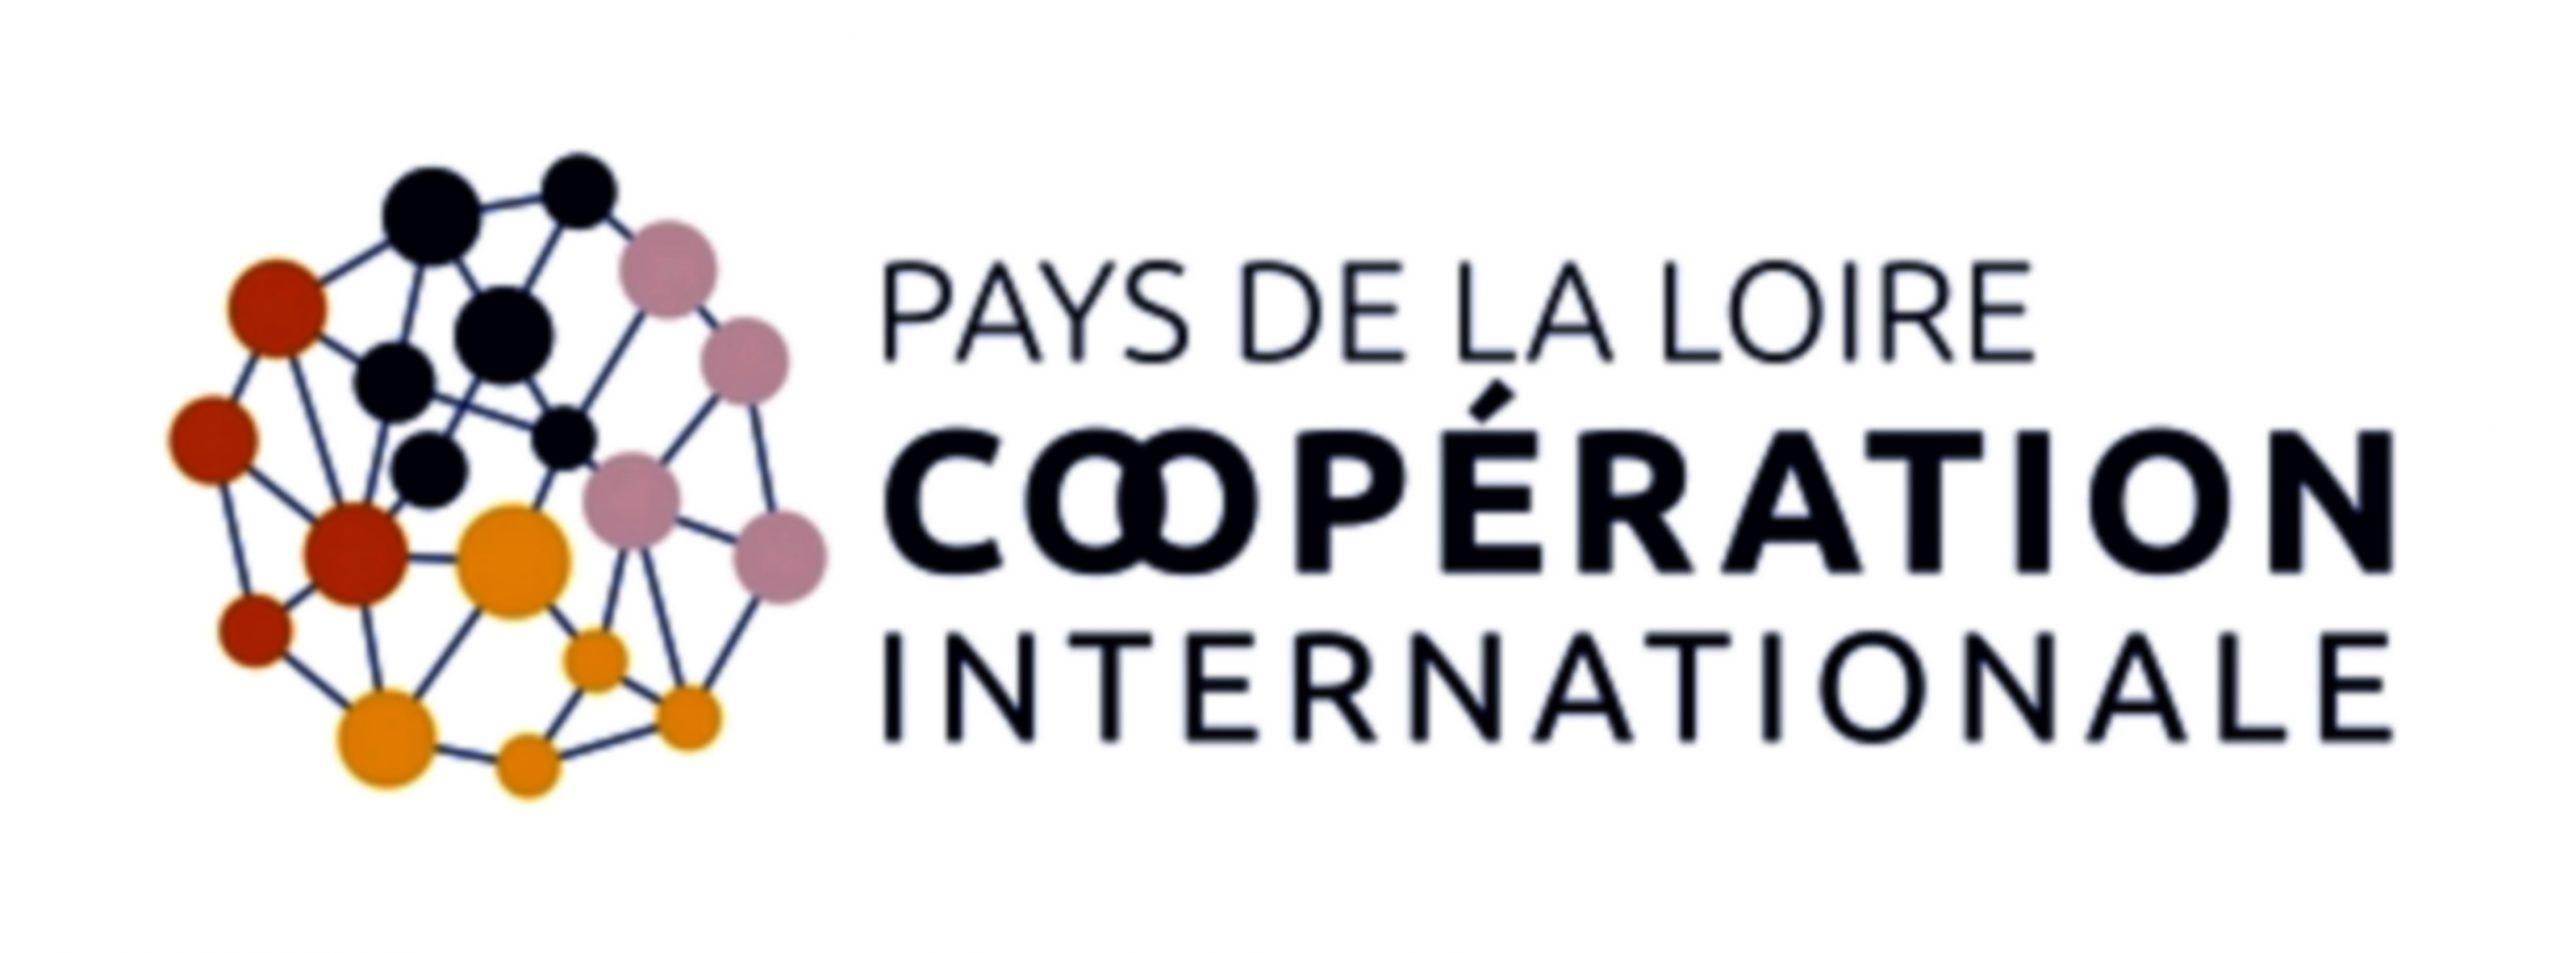 Pays de la Loire Coopération Internationale